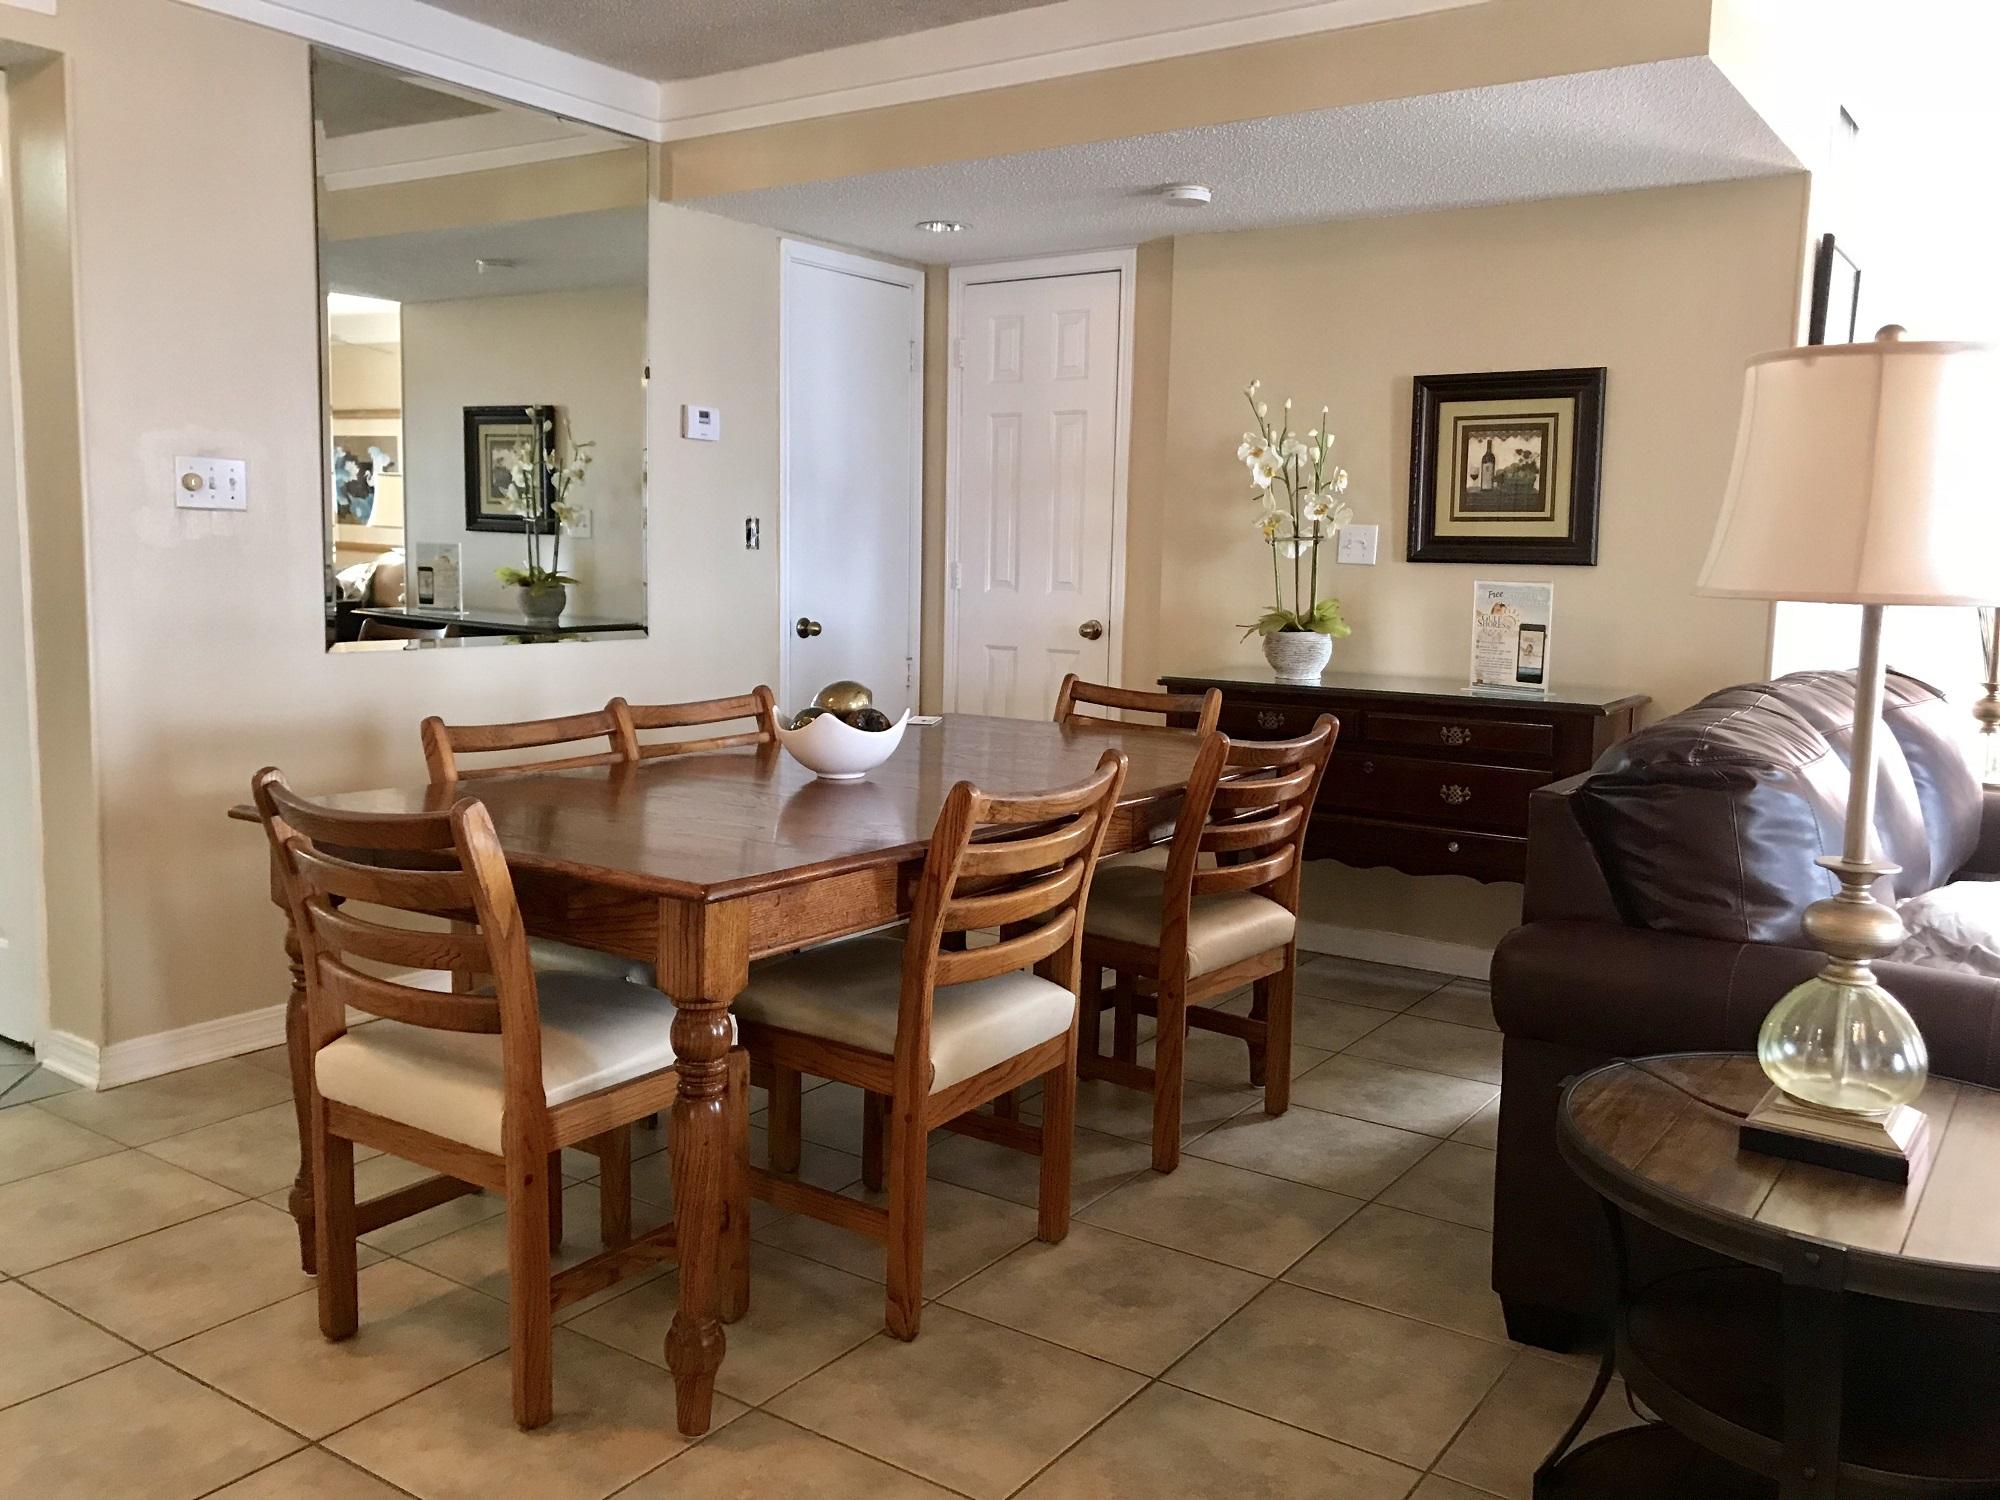 Ocean House 2701 Condo rental in Ocean House - Gulf Shores in Gulf Shores Alabama - #10